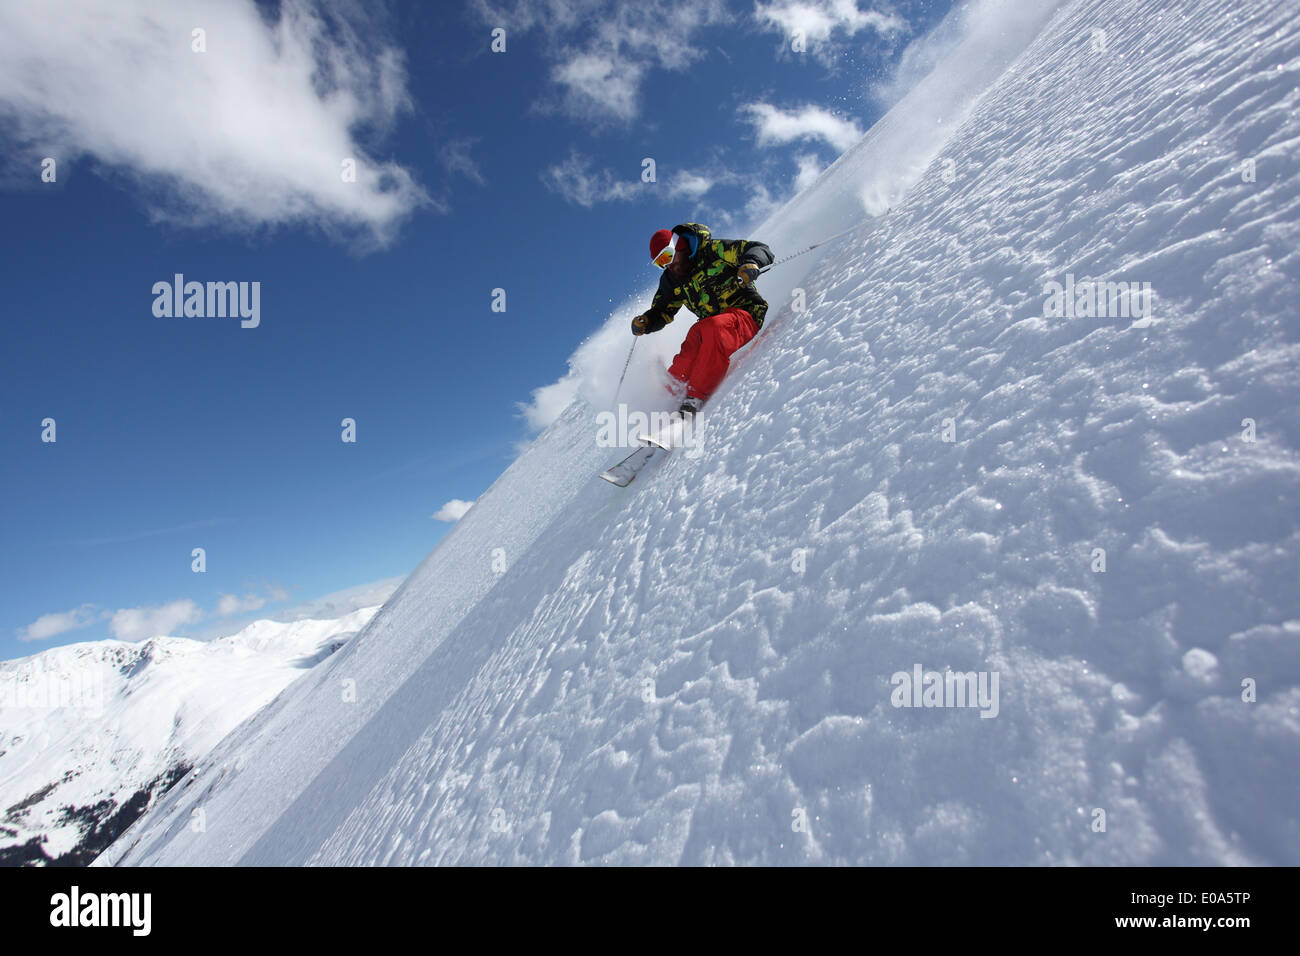 Mid adult man skiing on steep slope, Mayrhofen, Tyrol, Austria - Stock Image